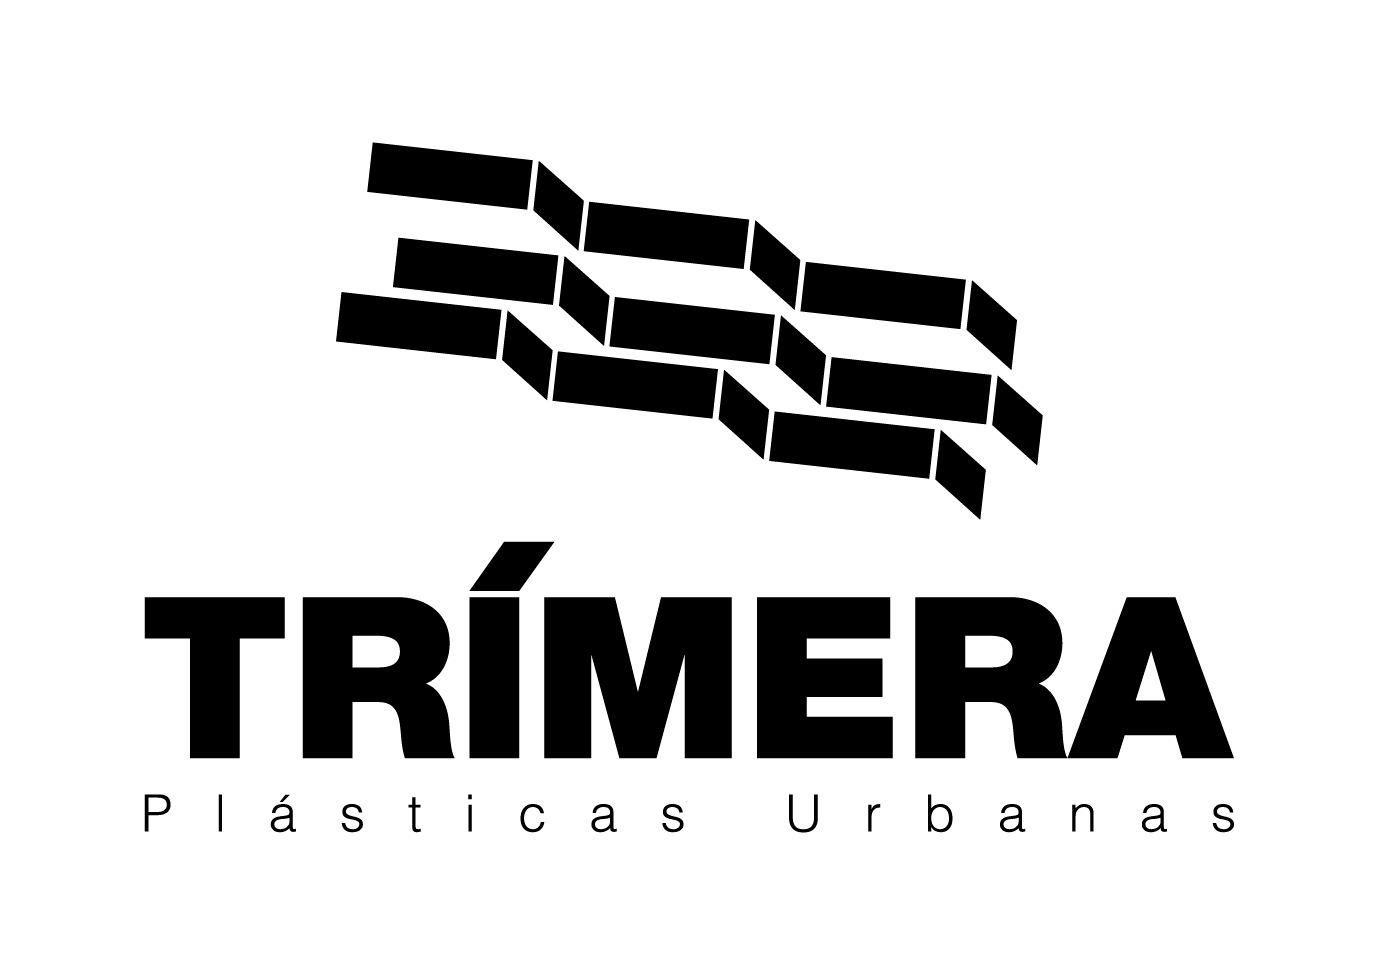 TRIMERA